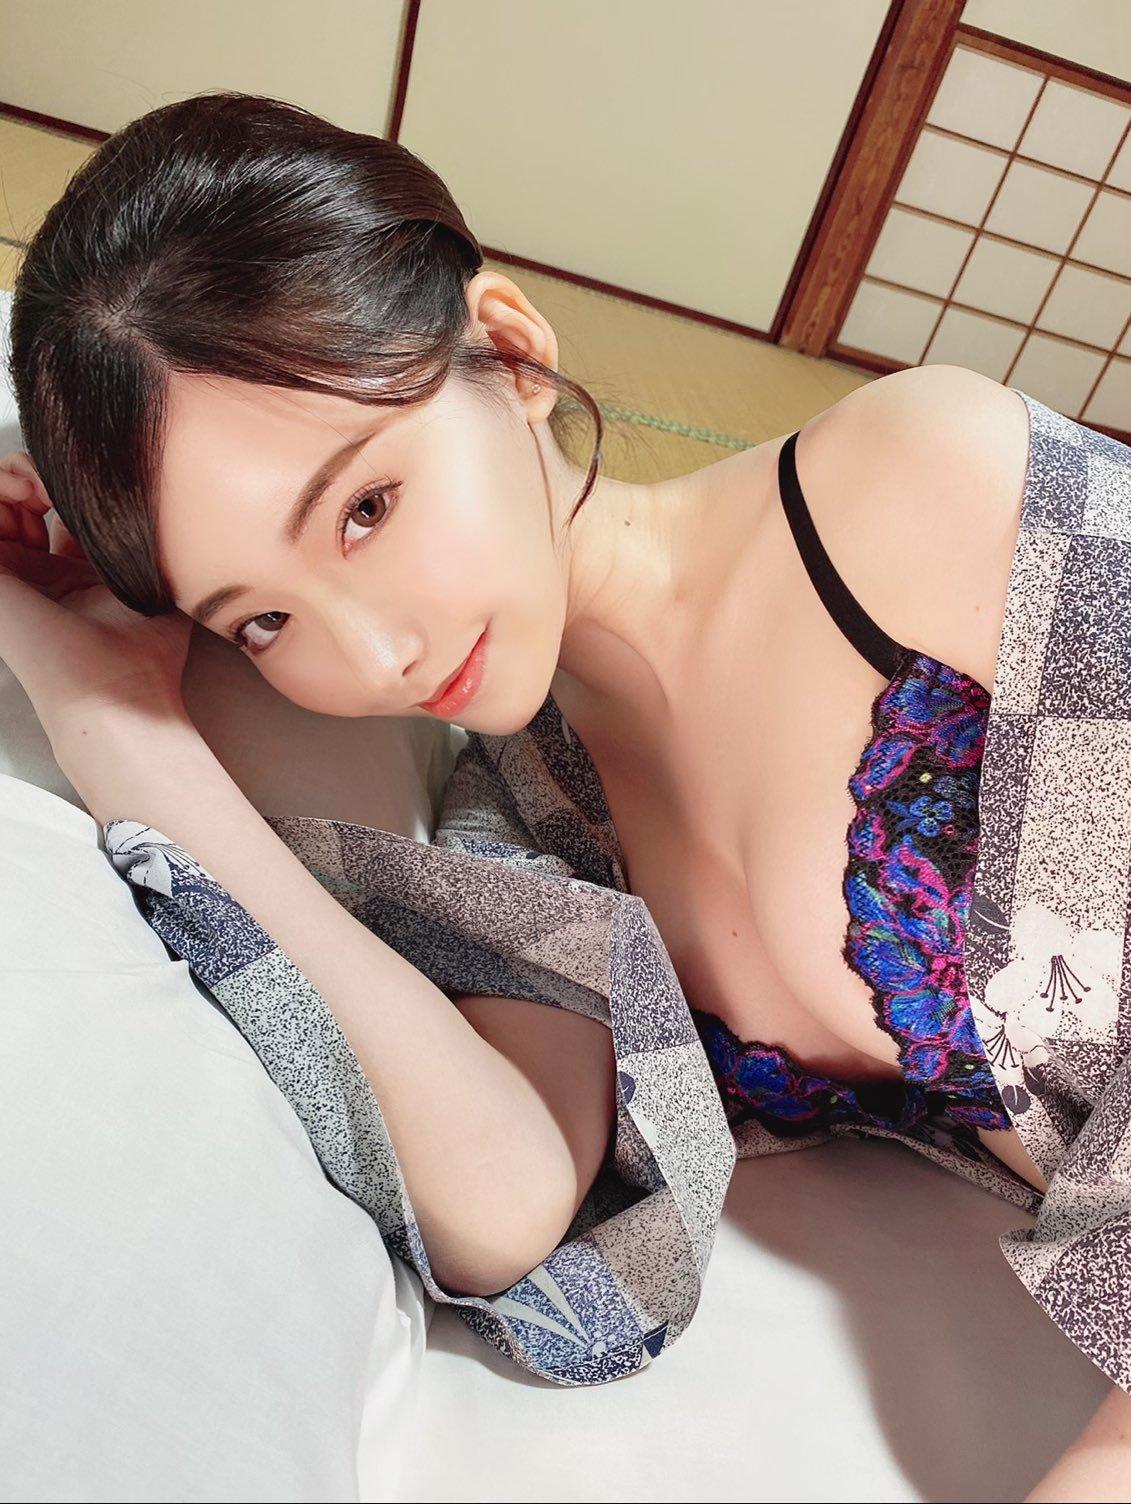 EIMI_FUKADA 1240046934963793920_p0